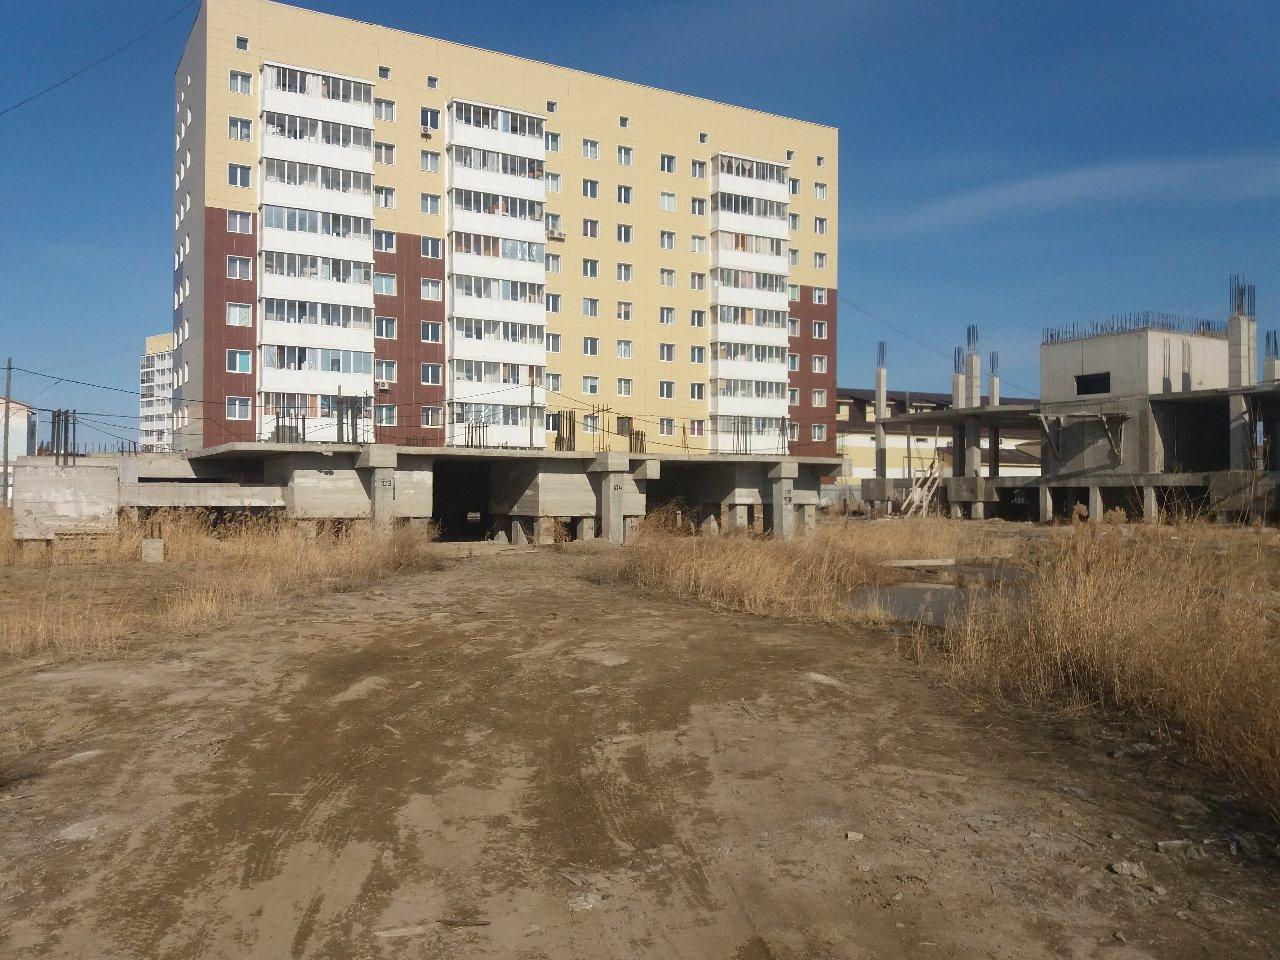 Неразбериха с землей под объектами ООО «Симиир» затягивает сроки восстановления прав дольщиков